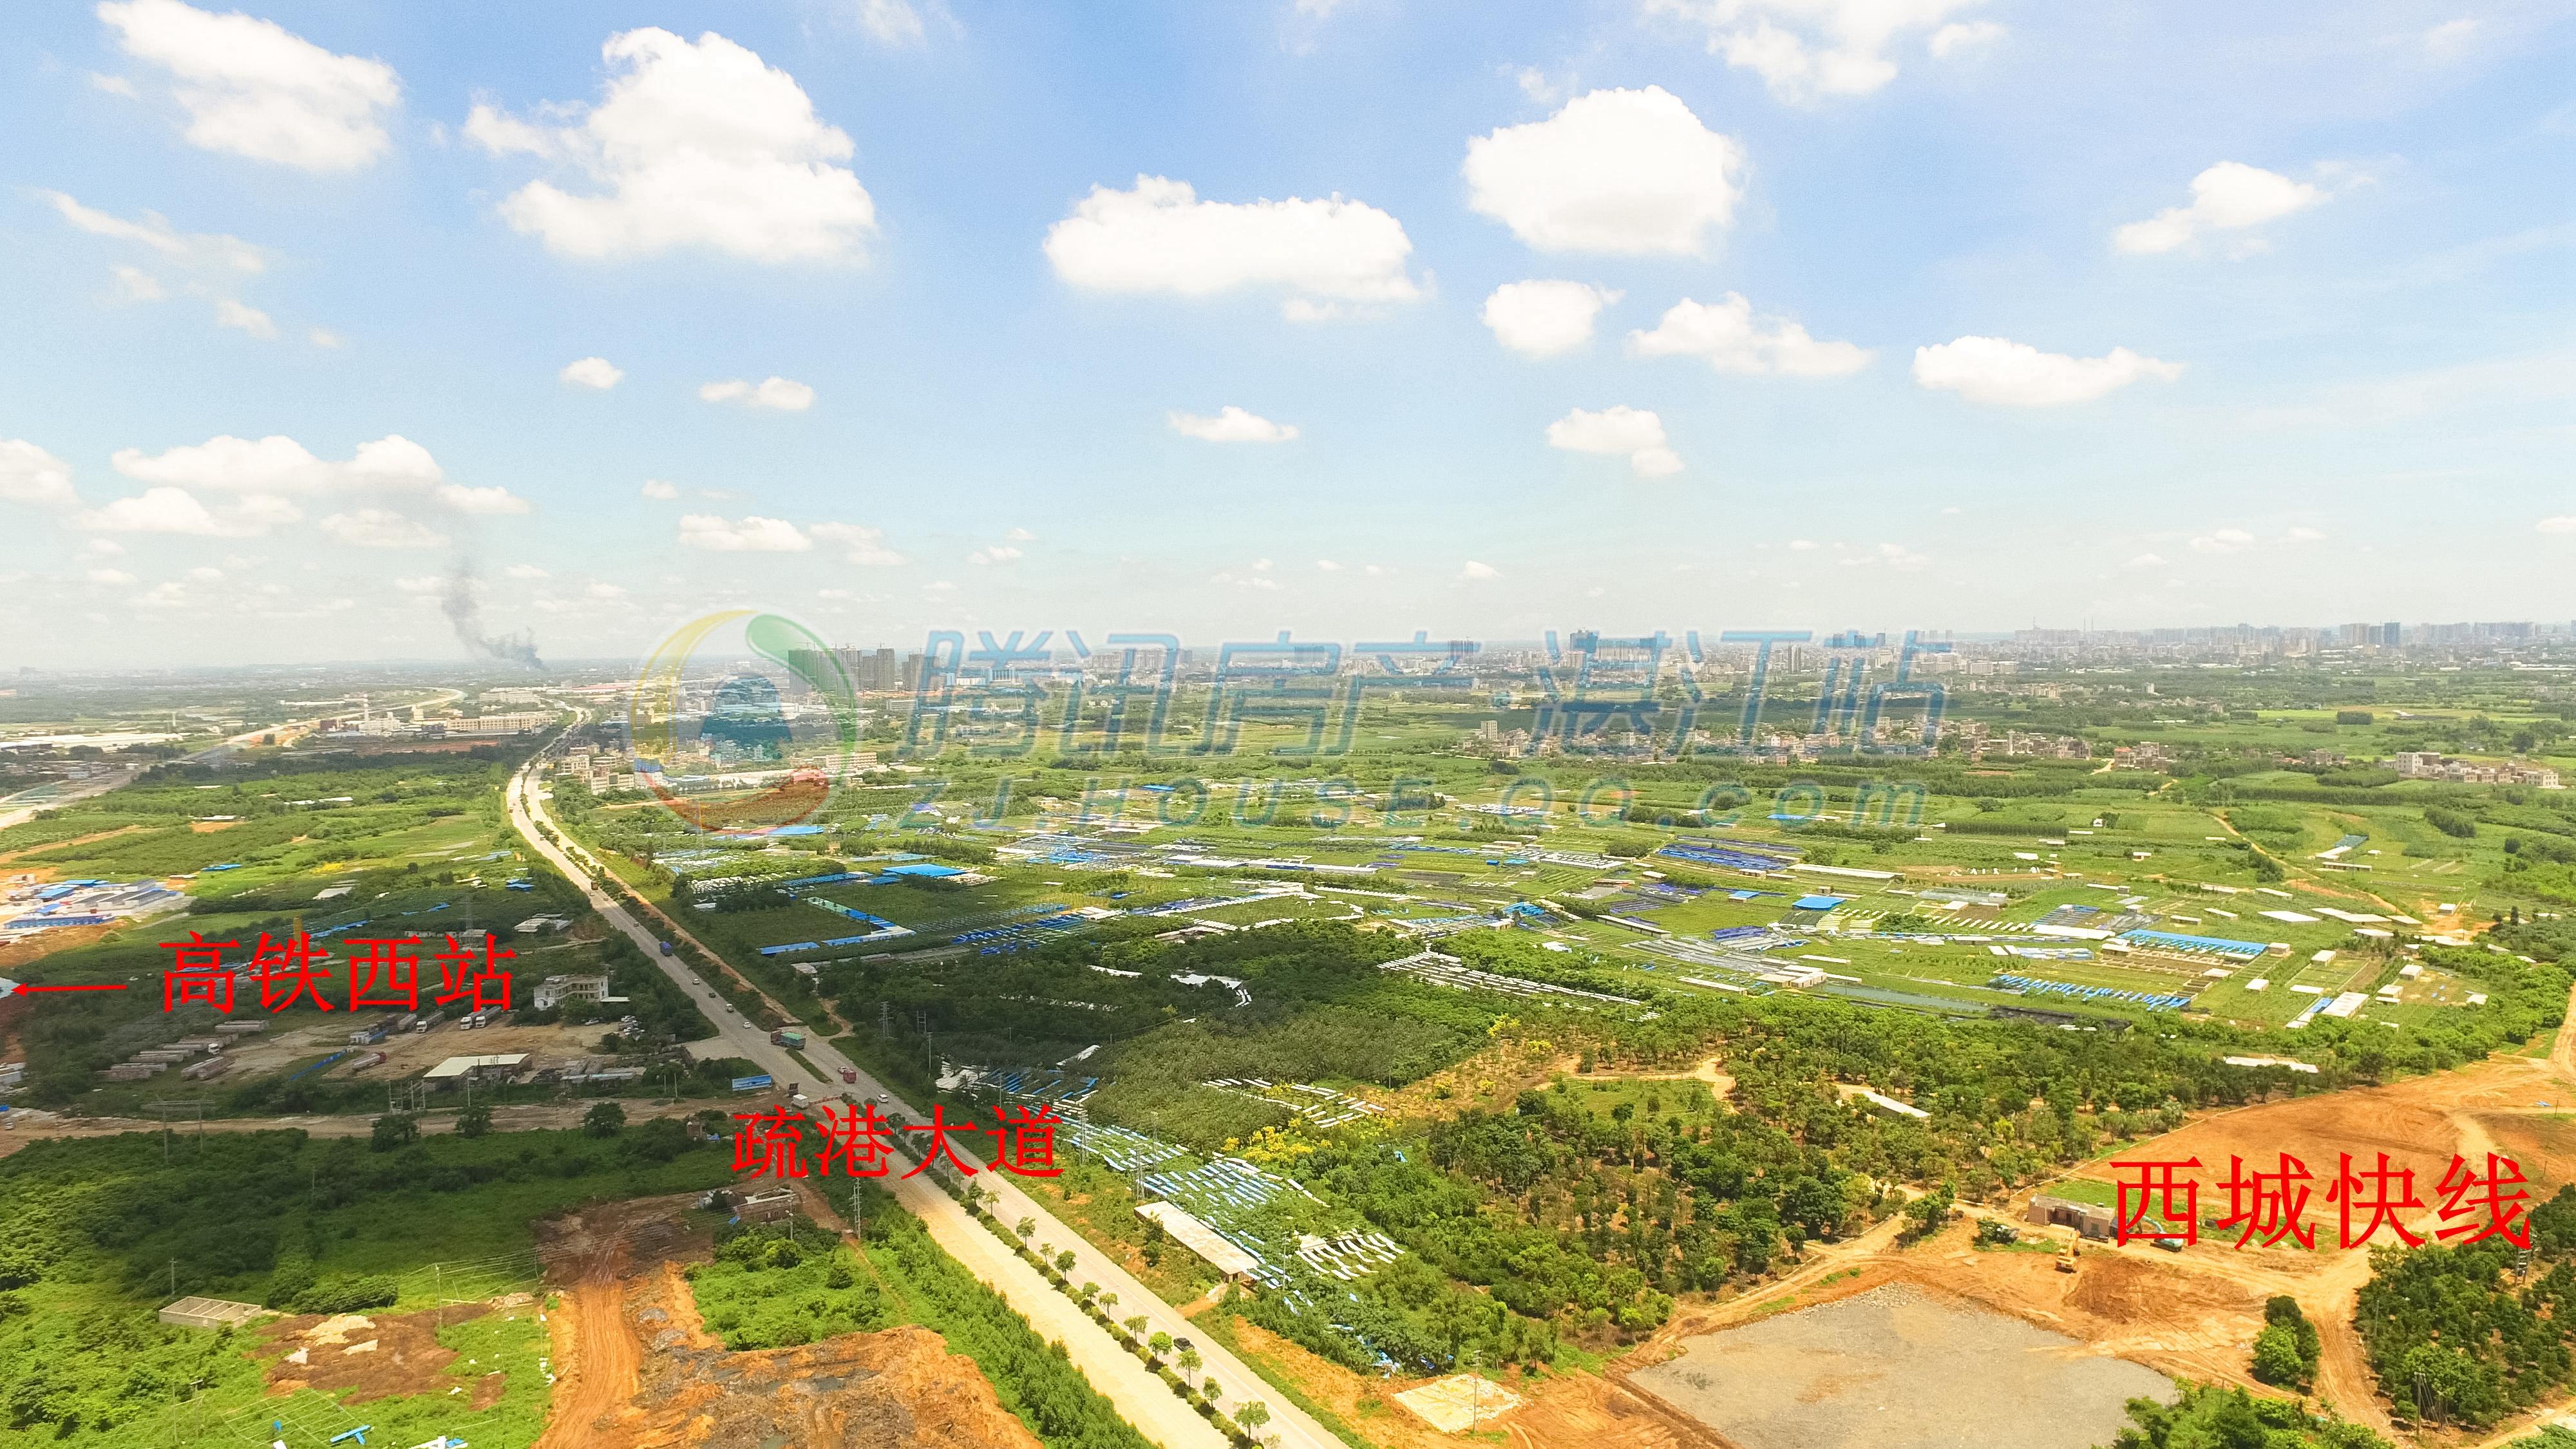 黄金大道雏形渐成,西城快线最新进度航拍组图新鲜出炉!